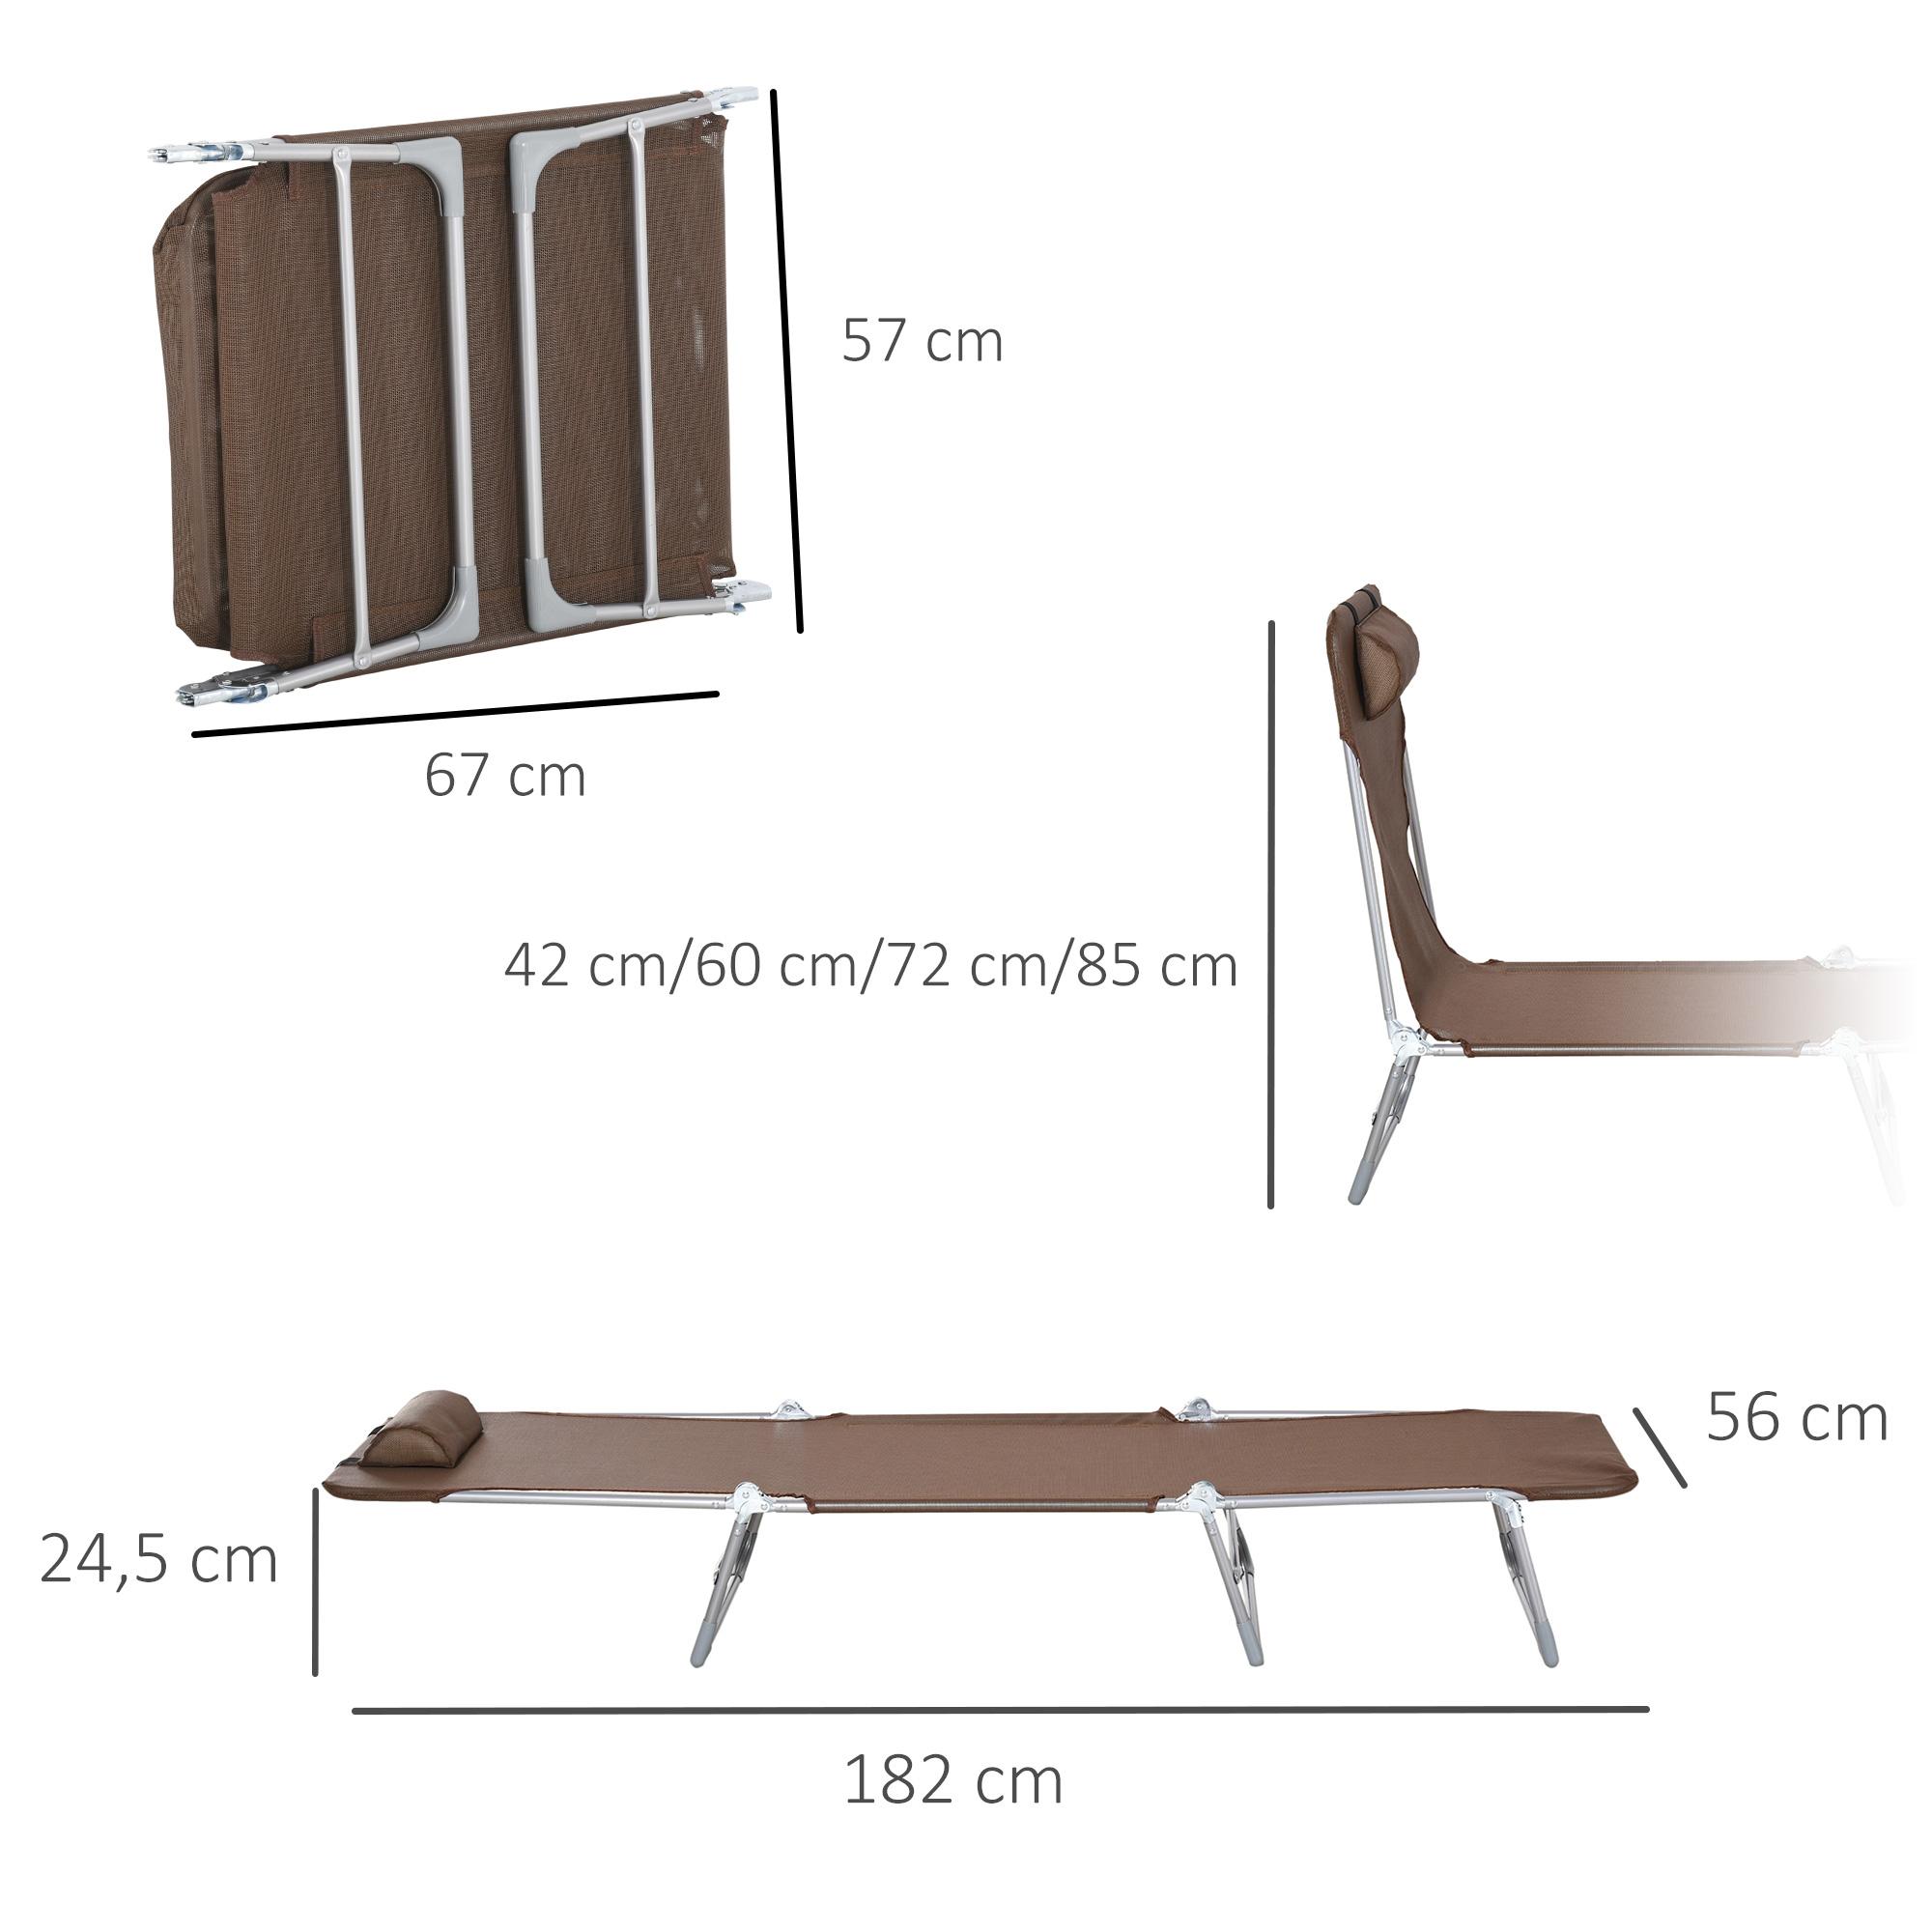 miniatura 18 - Tumbona Plegable y Reclinable con Reposacabezas y Respaldo Ajustable COLOR